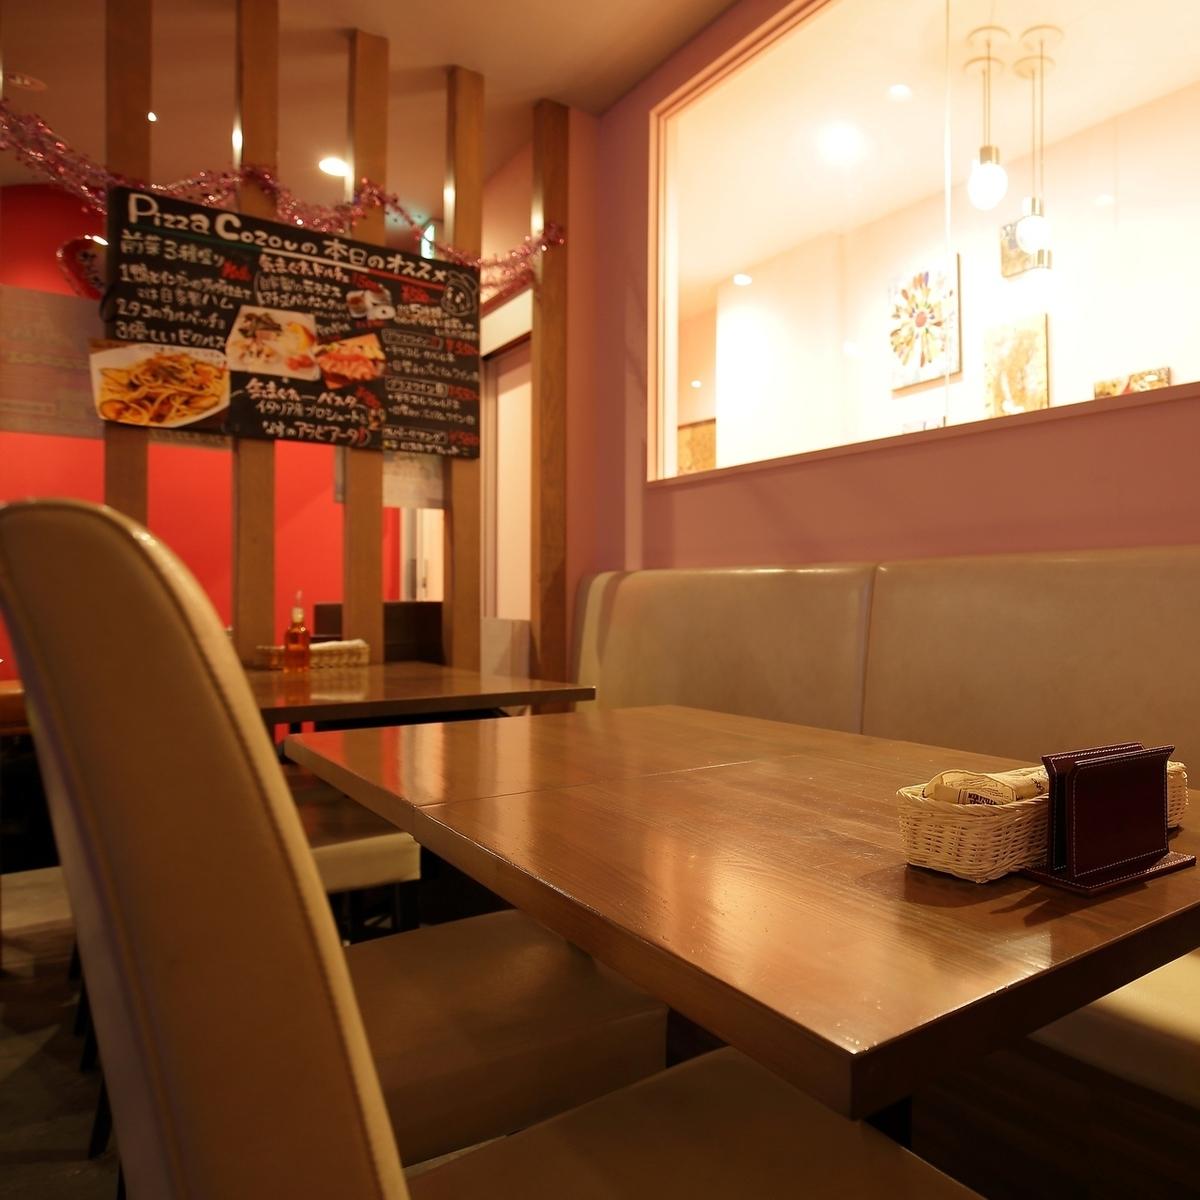 對於日期等餐點♪這是一個可以在你面前看到可愛畫作的座位。